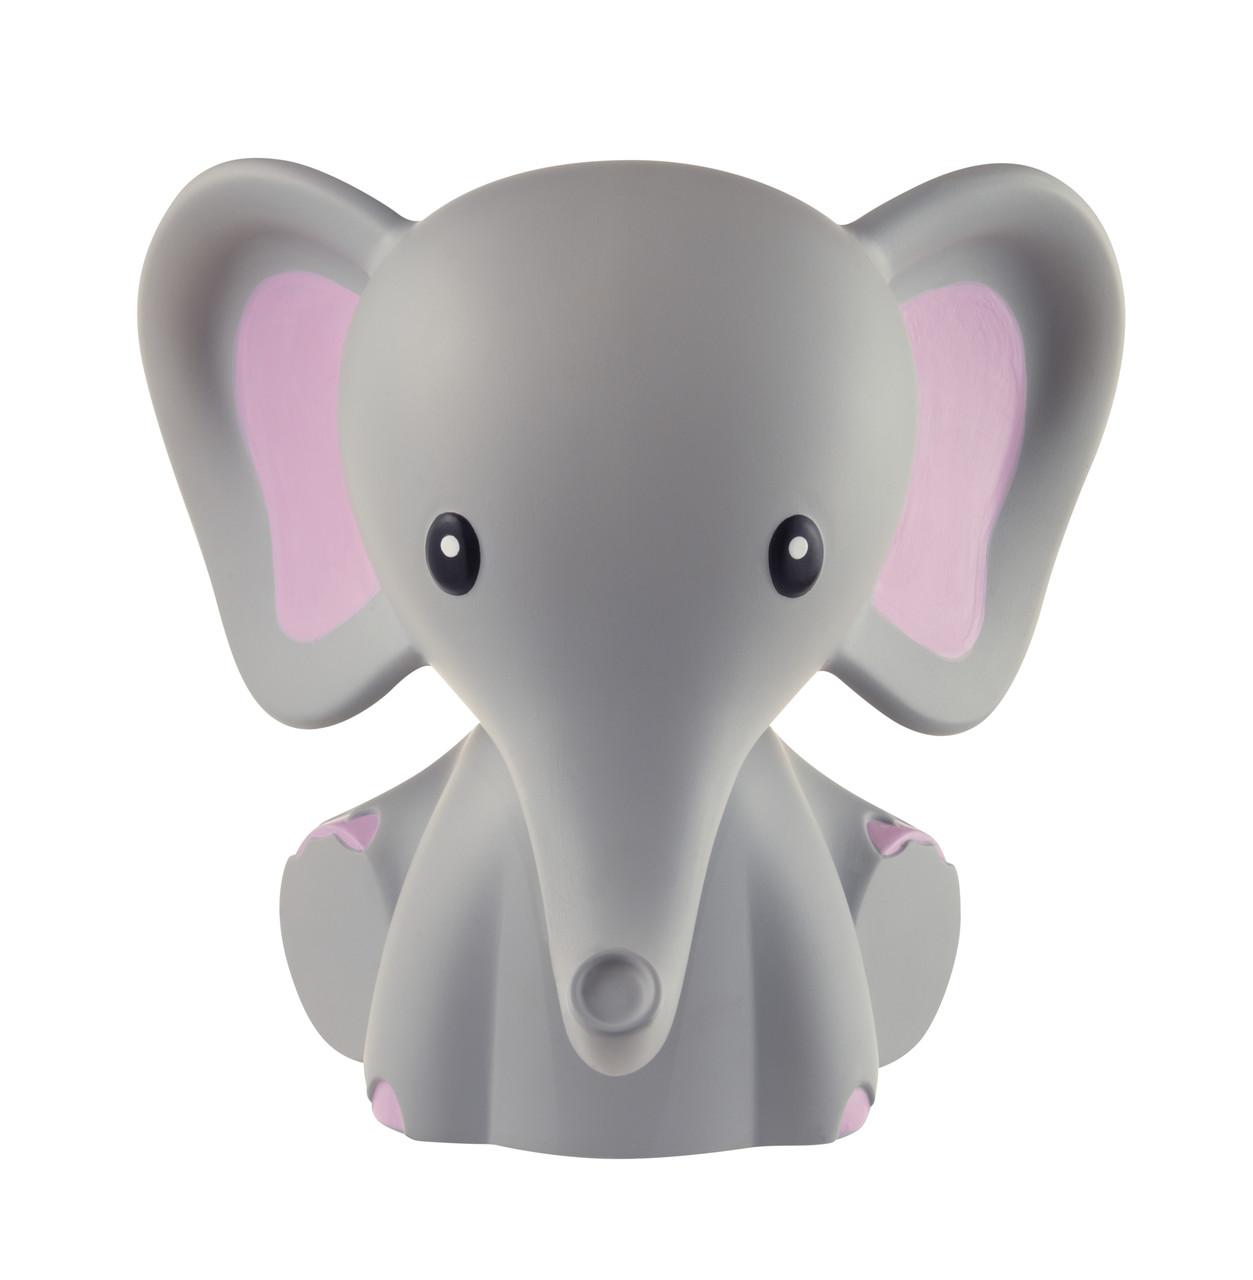 Детский ночник MyBaby Elephant от HoMedics